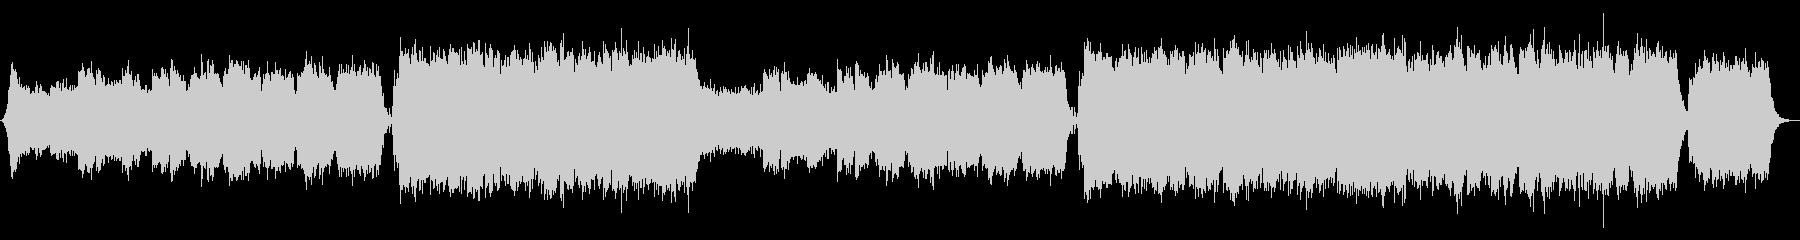 トランペットの情熱的エピックエンディングの未再生の波形